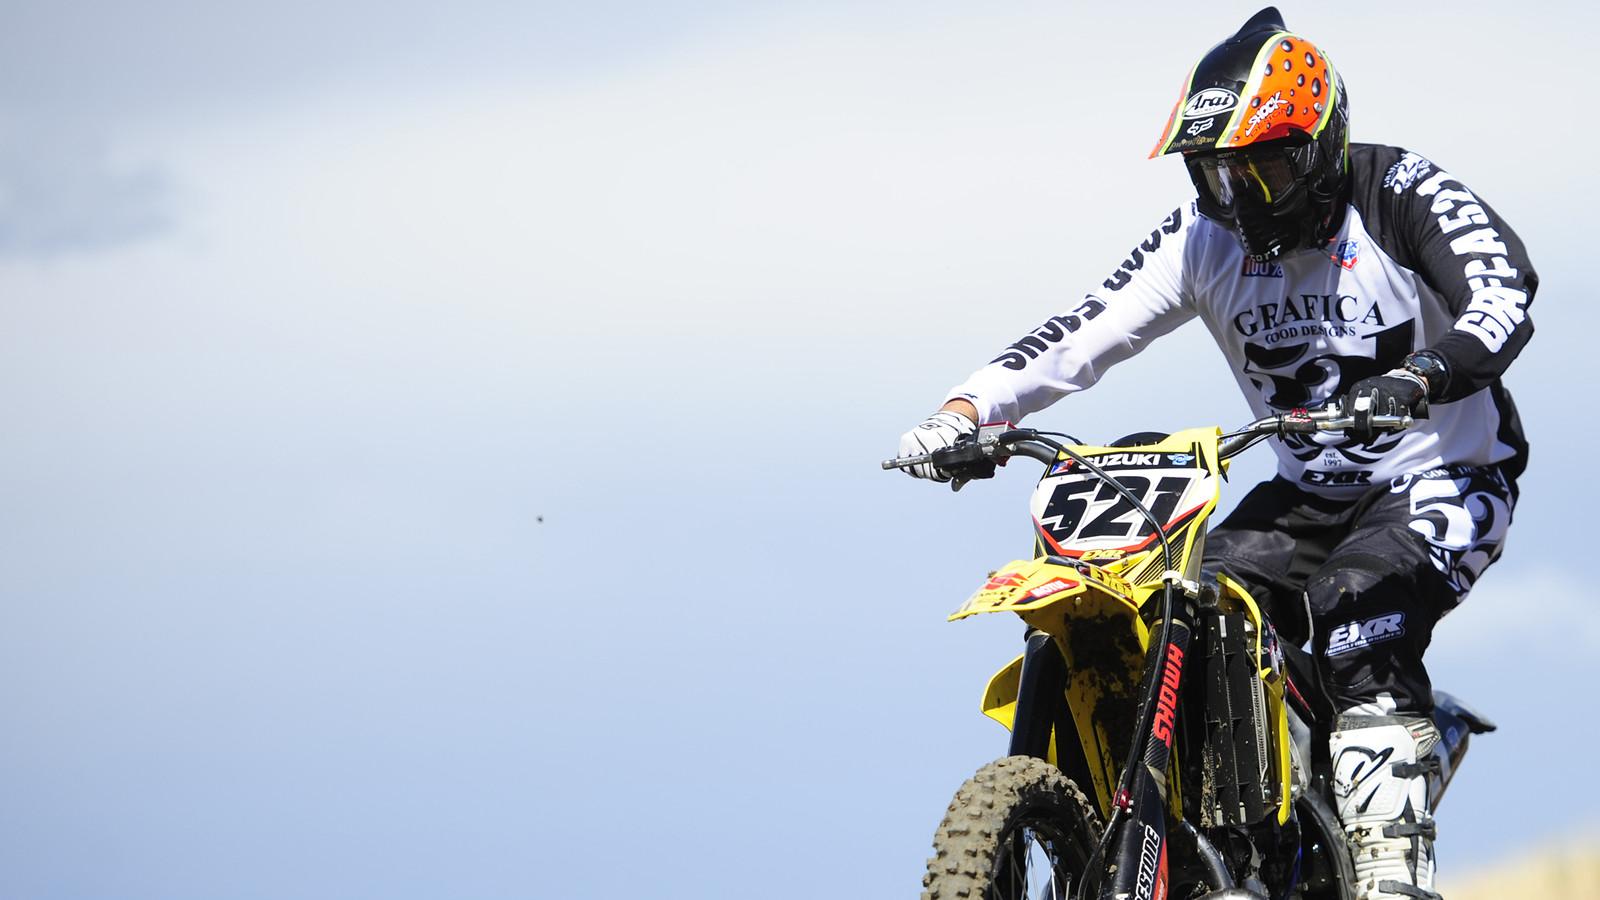 sfondo destop - effettoxtremo - Motocross Pictures - Vital MX